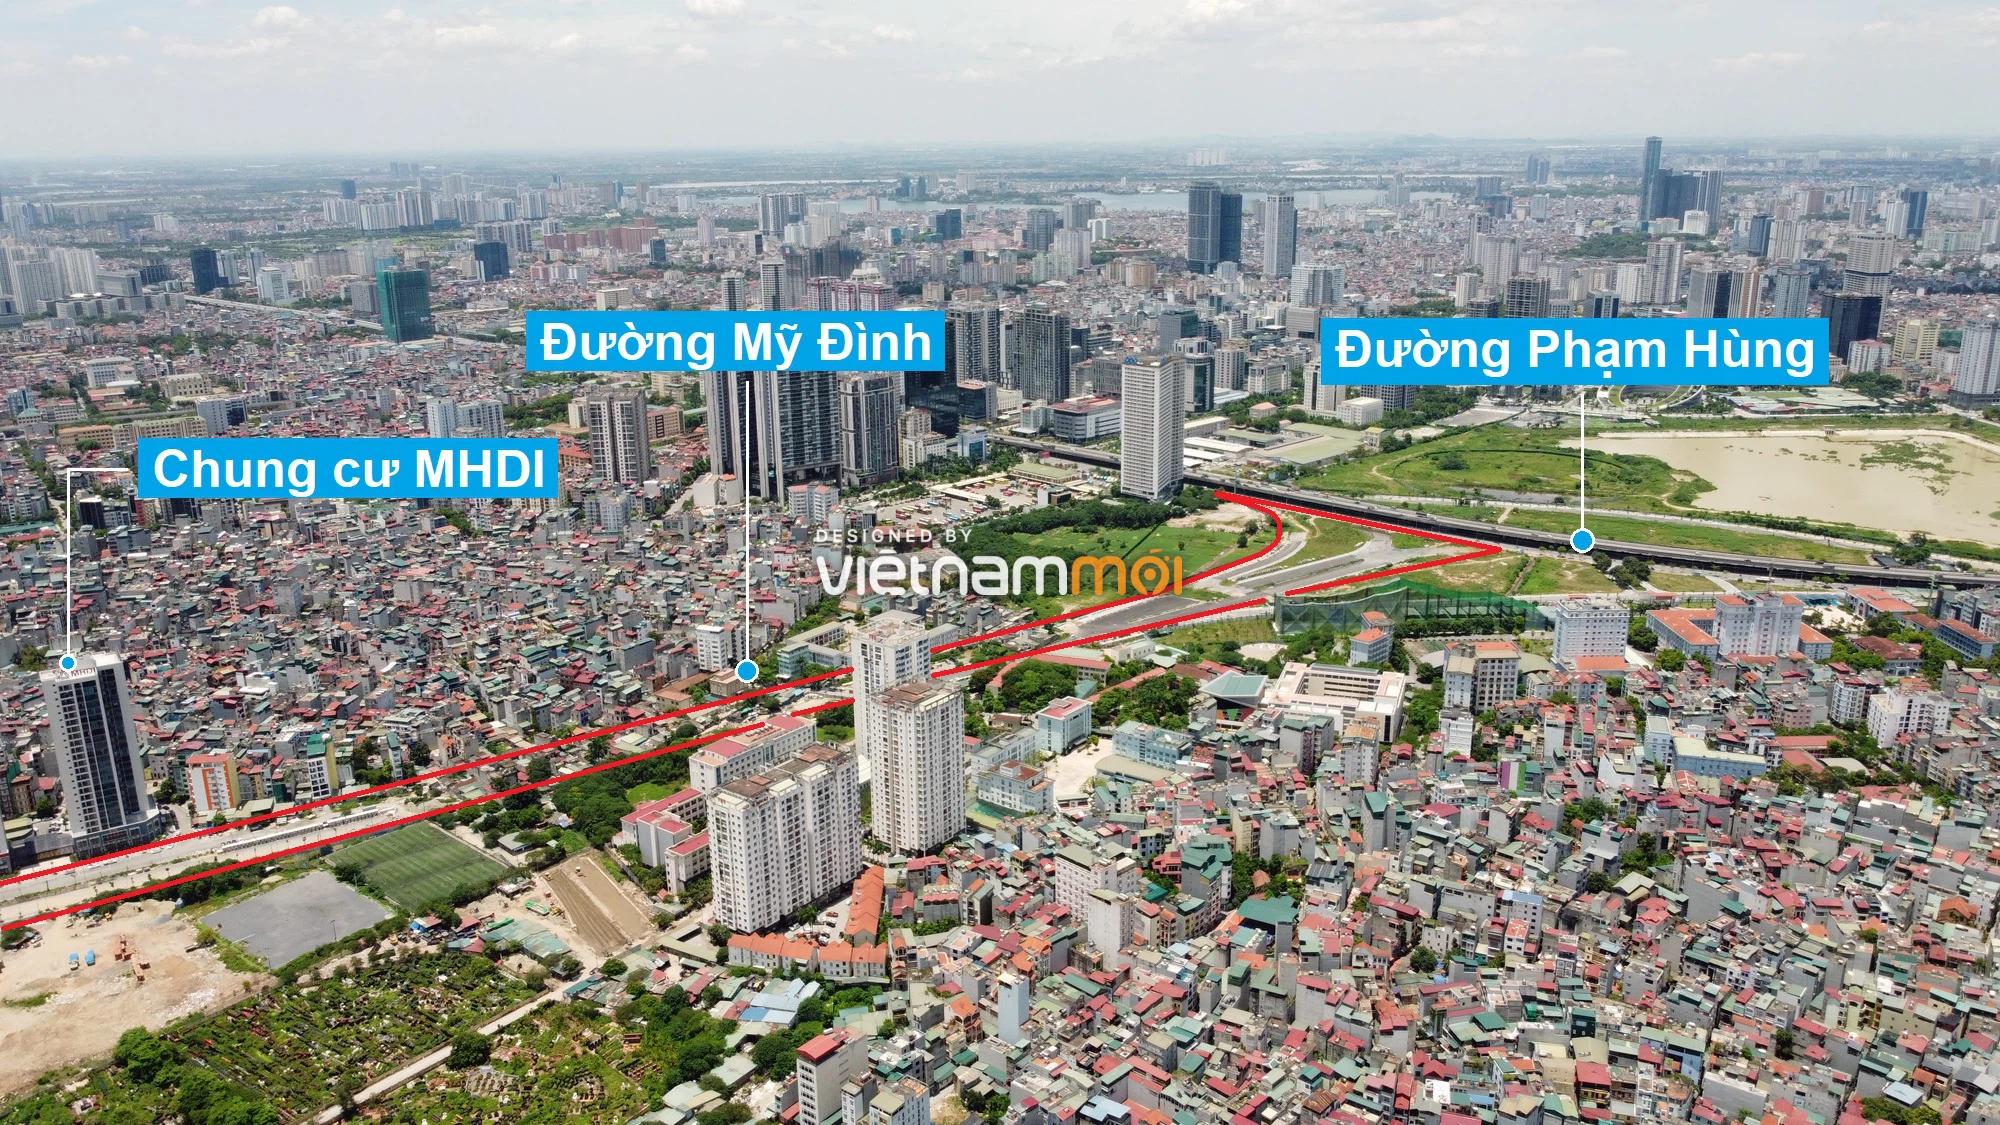 Những khu đất sắp thu hồi để mở đường ở phường Mỹ Đình 2, Nam Từ Liêm, Hà Nội (phần 1) - Ảnh 8.